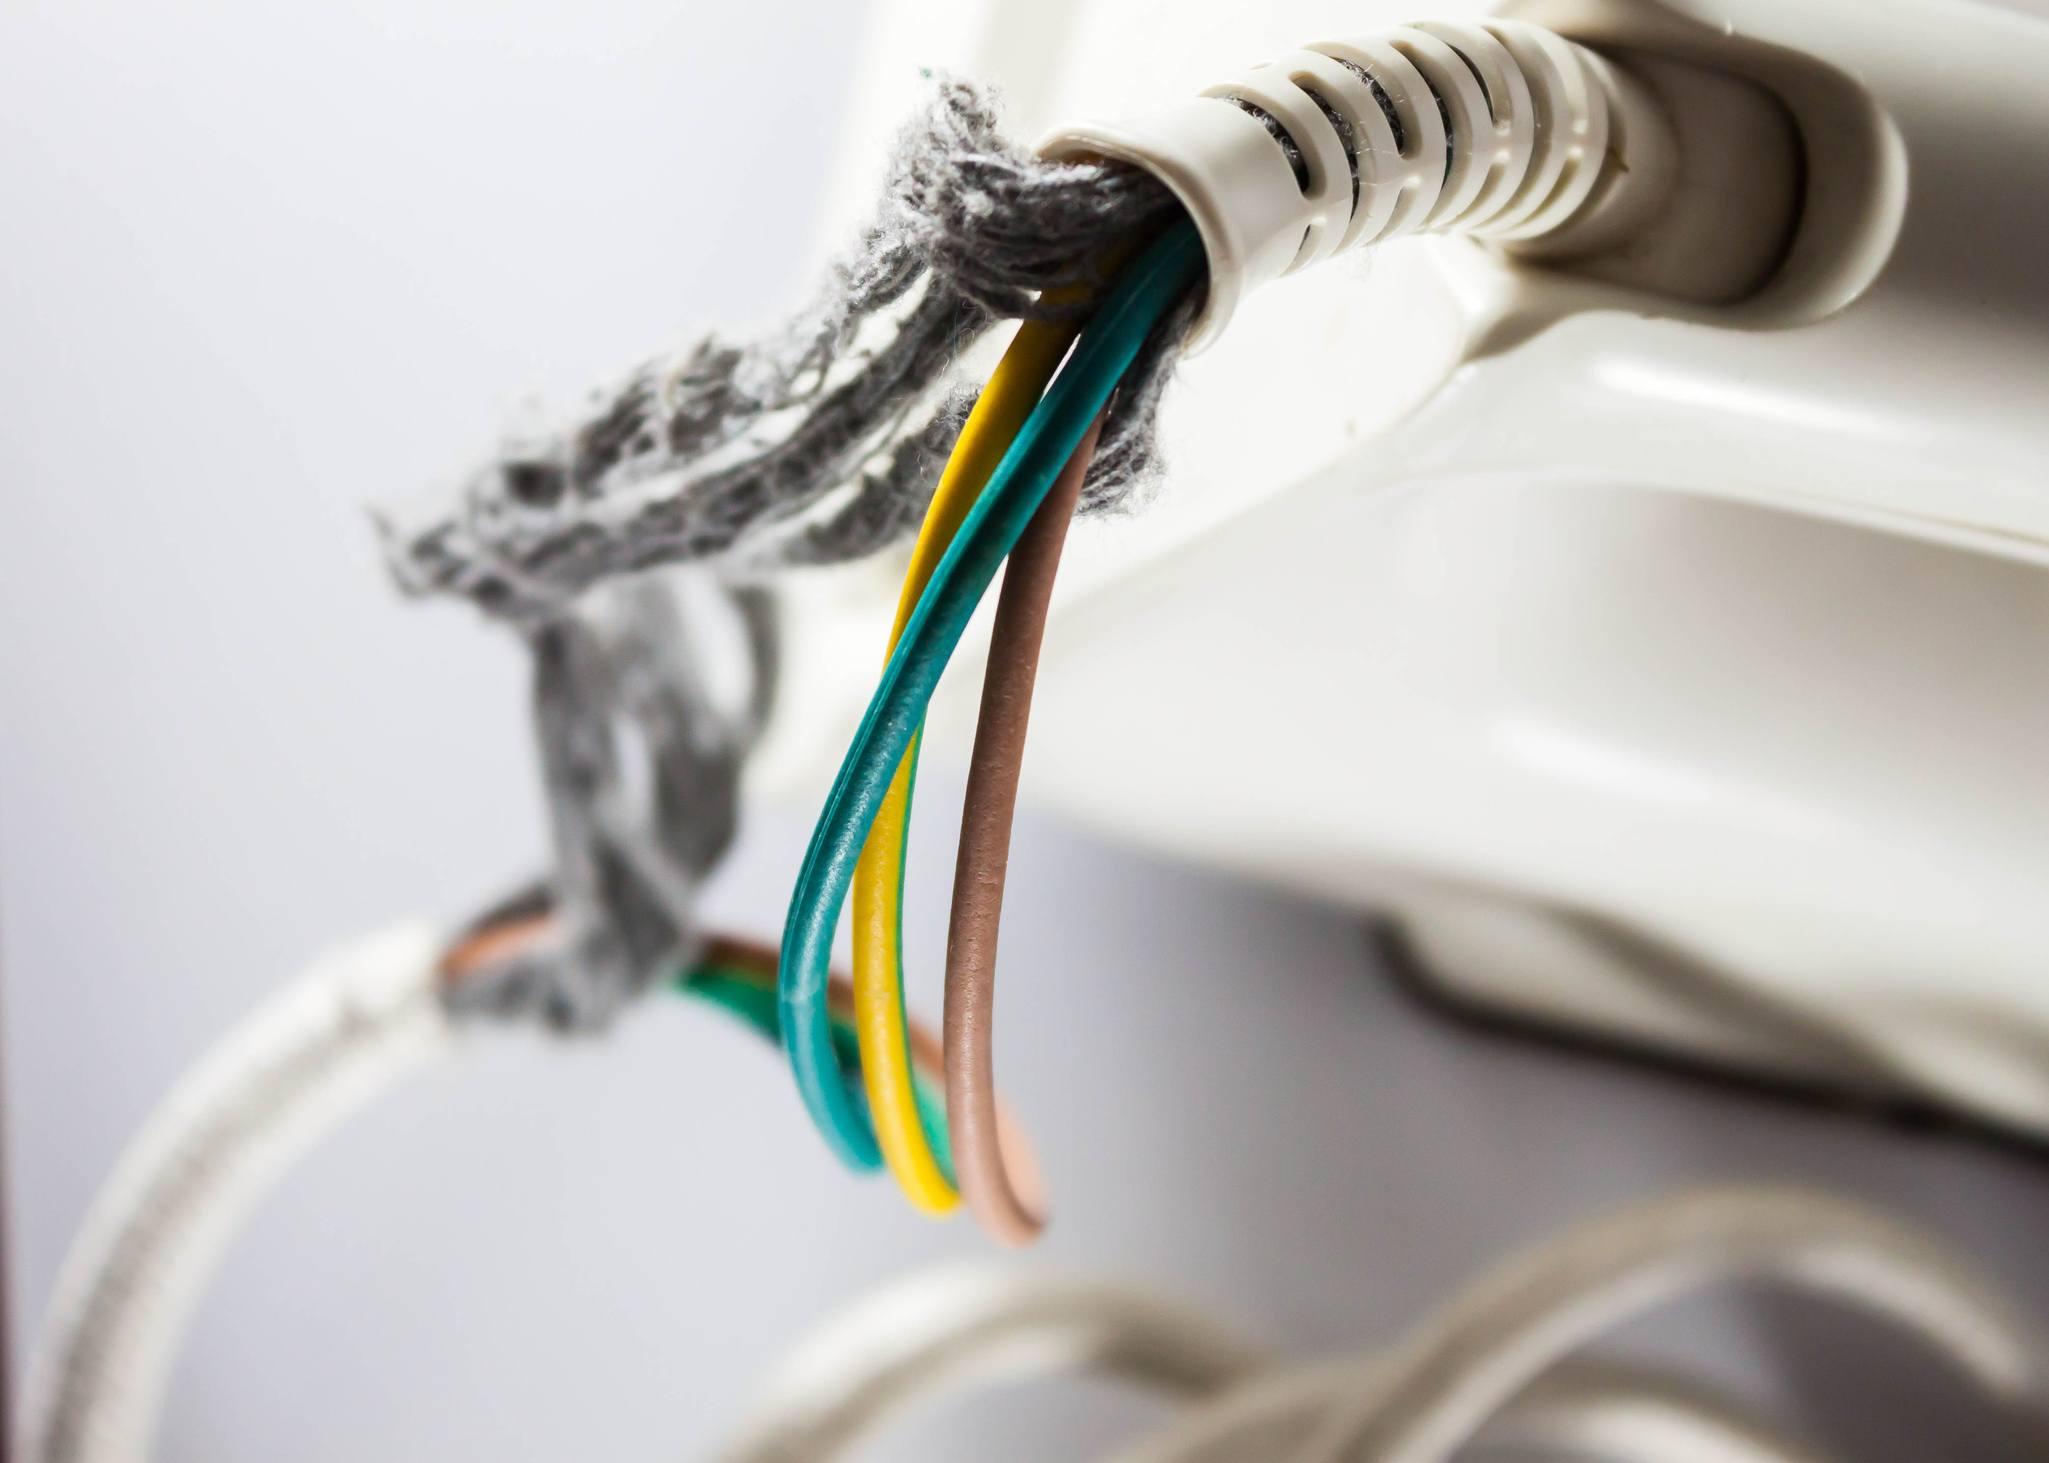 Fraying damaged wires